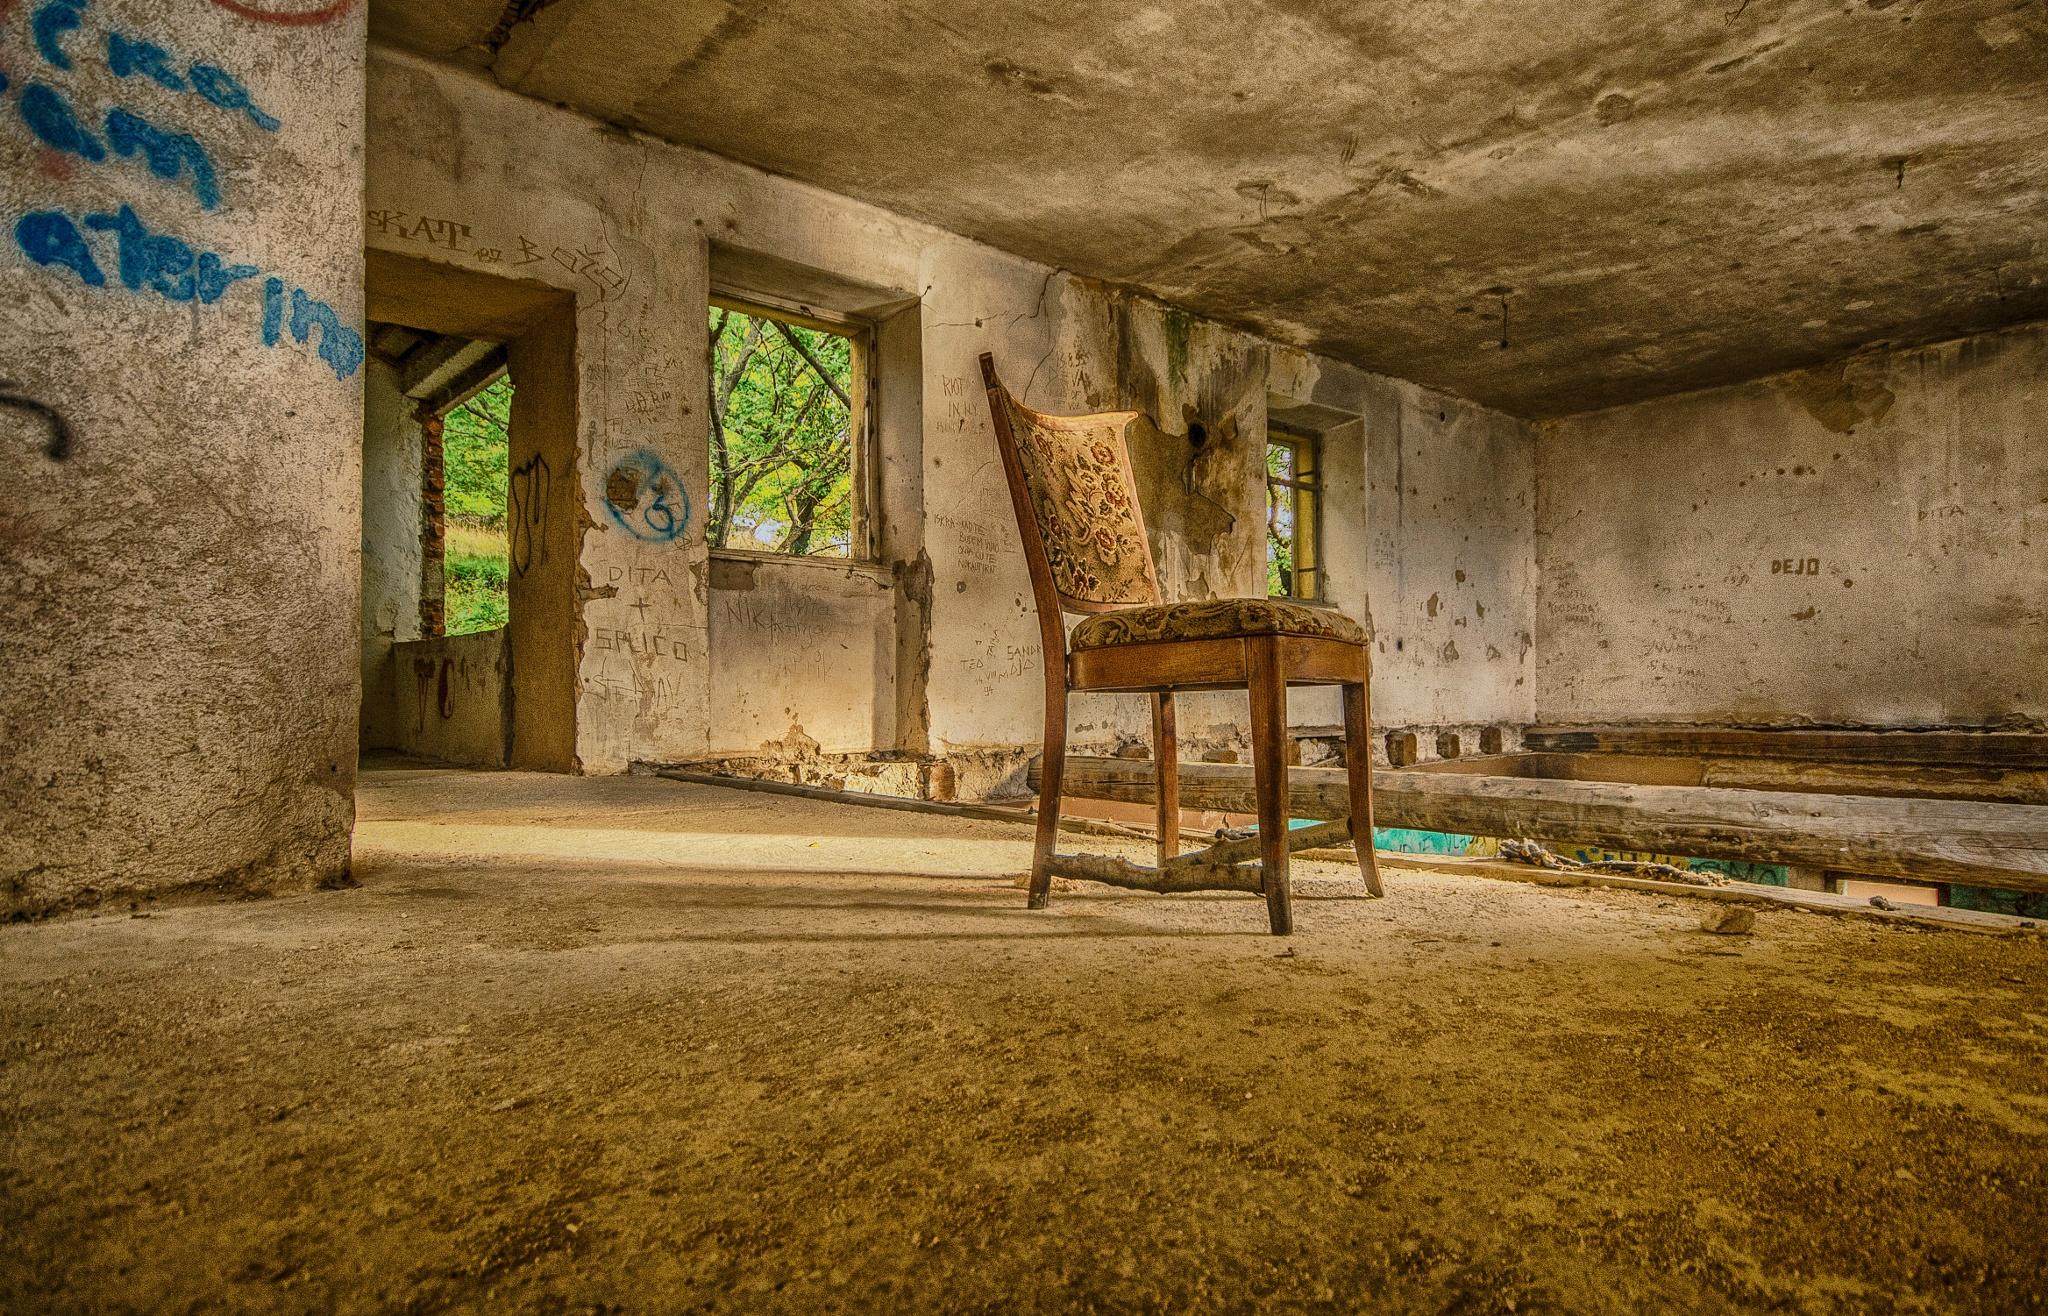 chair by Eseker RI